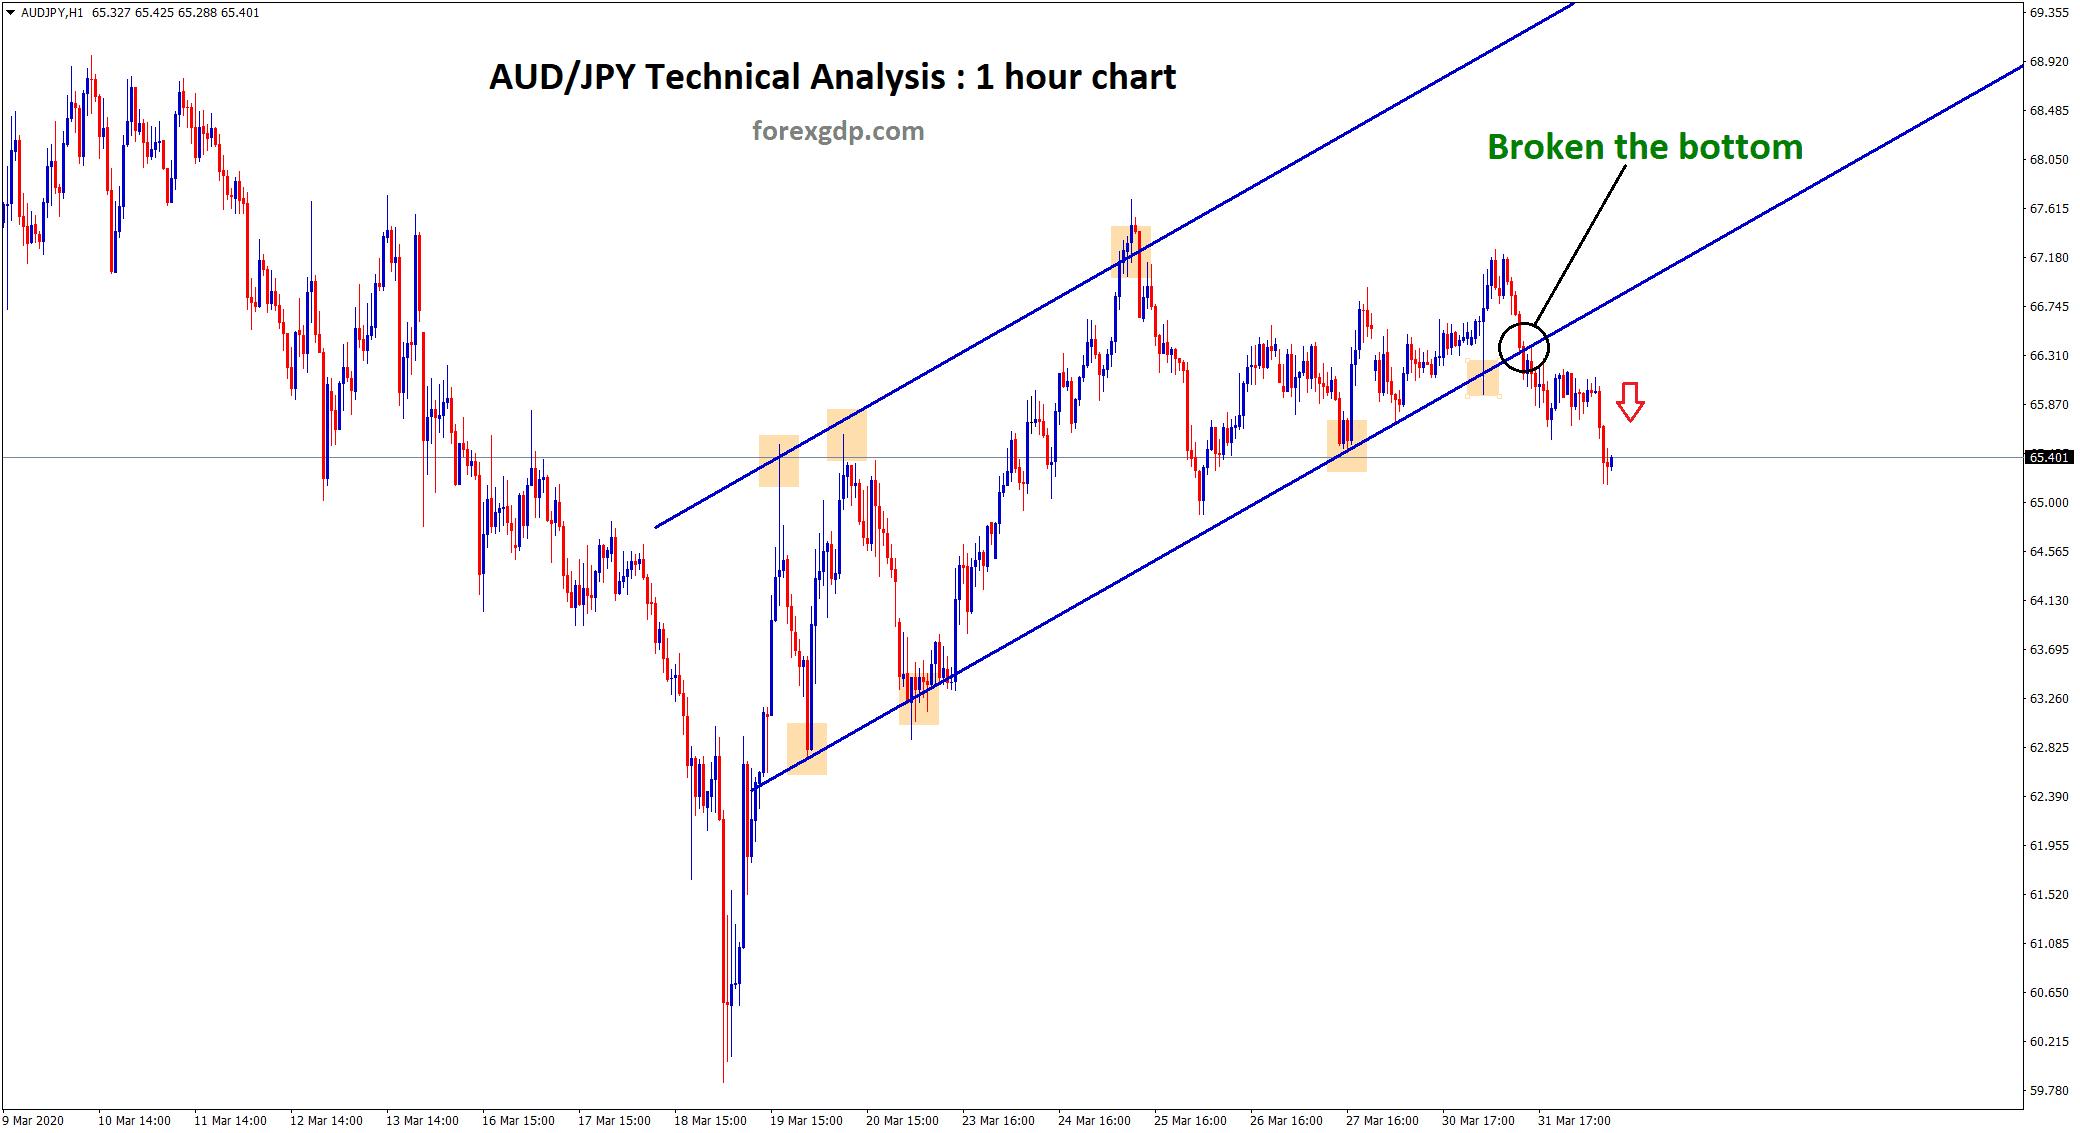 aussie yen broken the bottom zone of up trend line